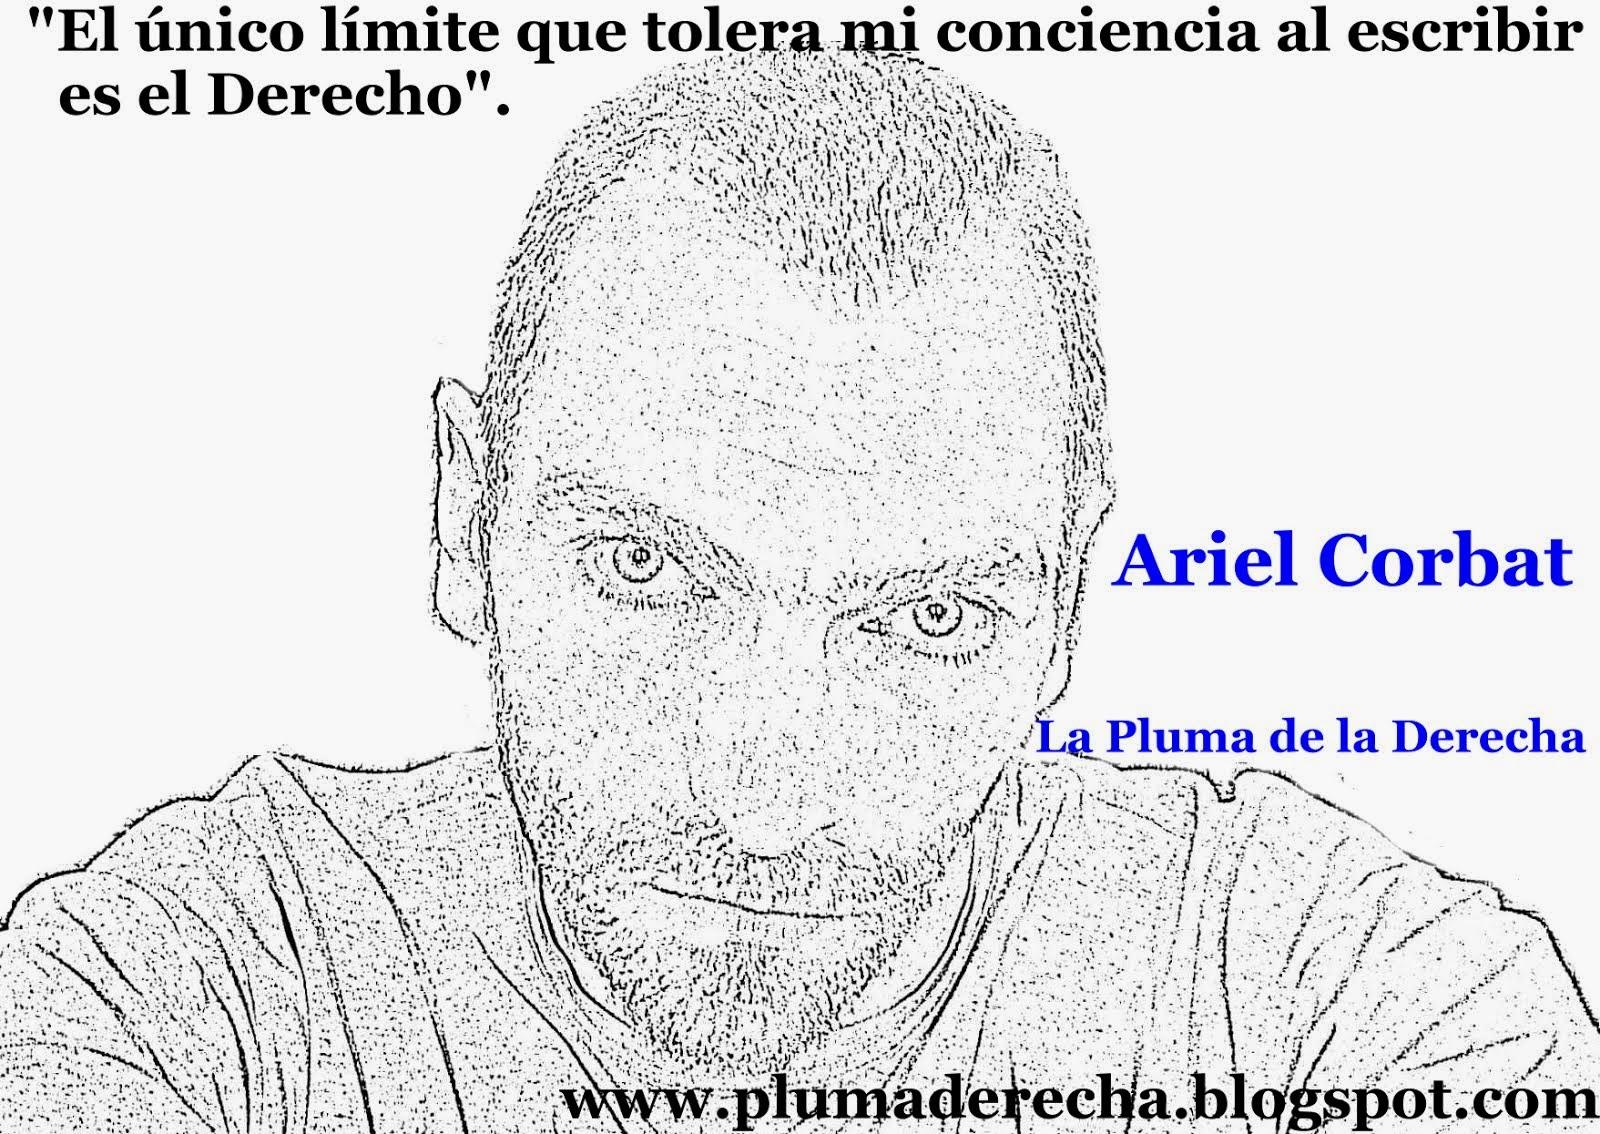 Ariel Corbat